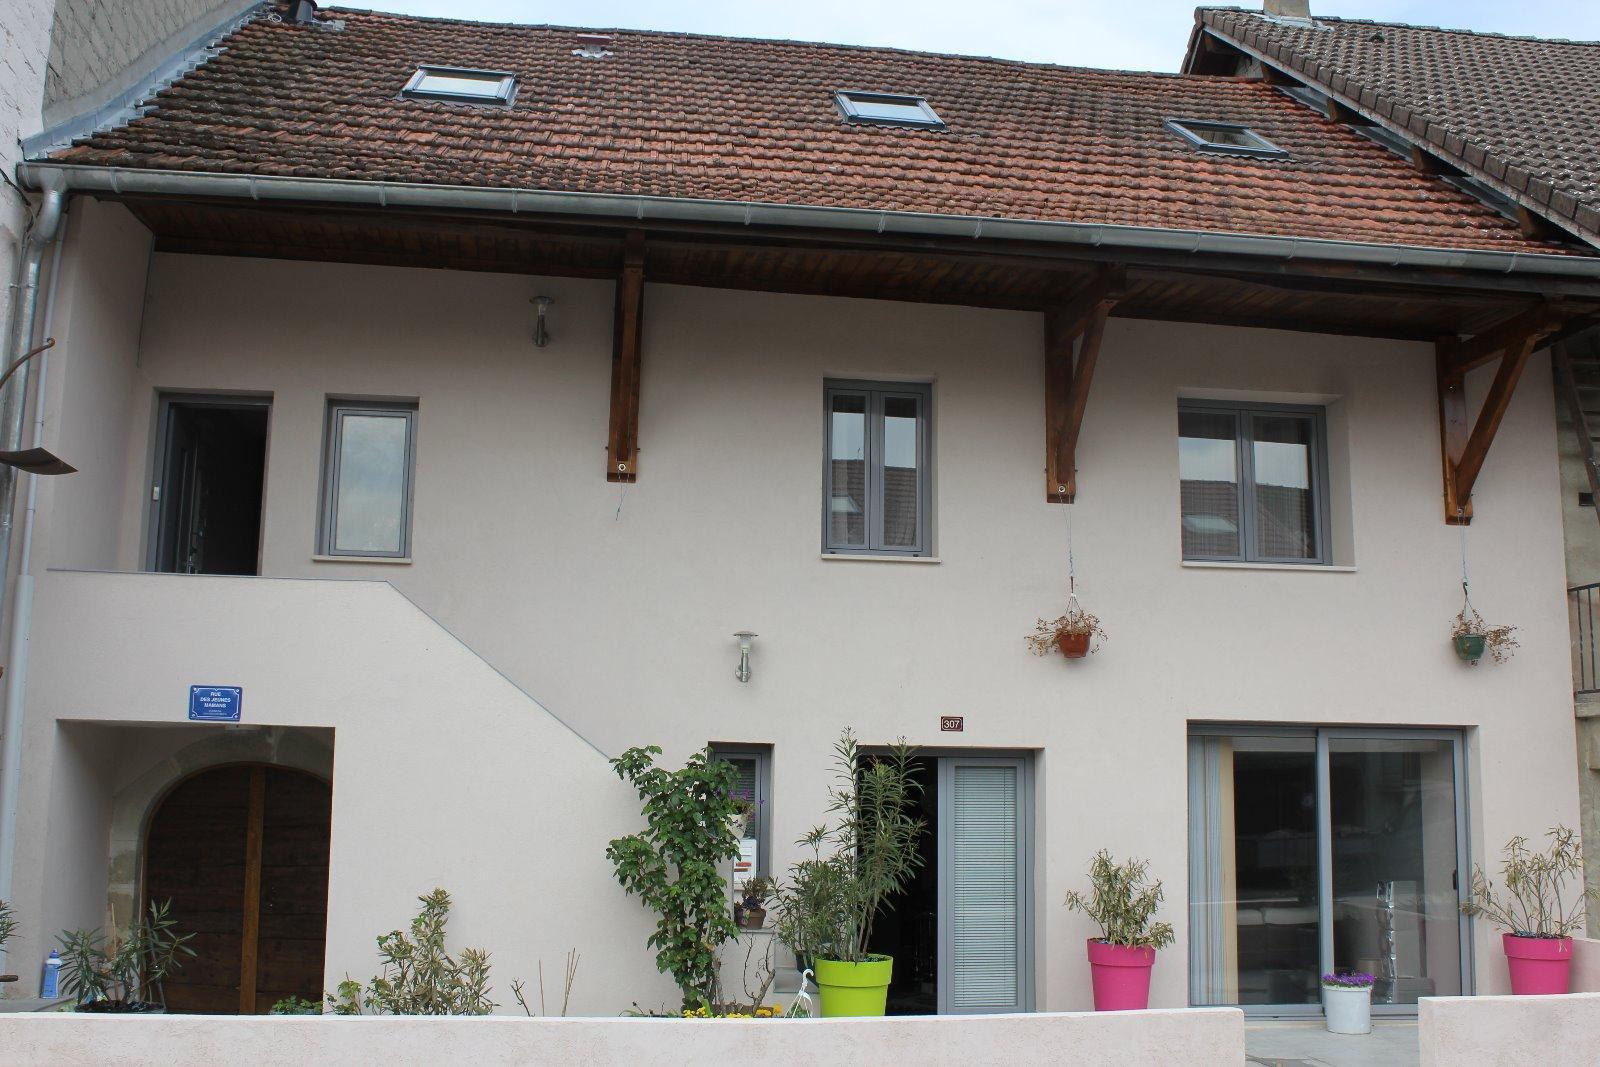 V751 - Bassy - Maison de village 185m² avec terrain et T3 indépendant